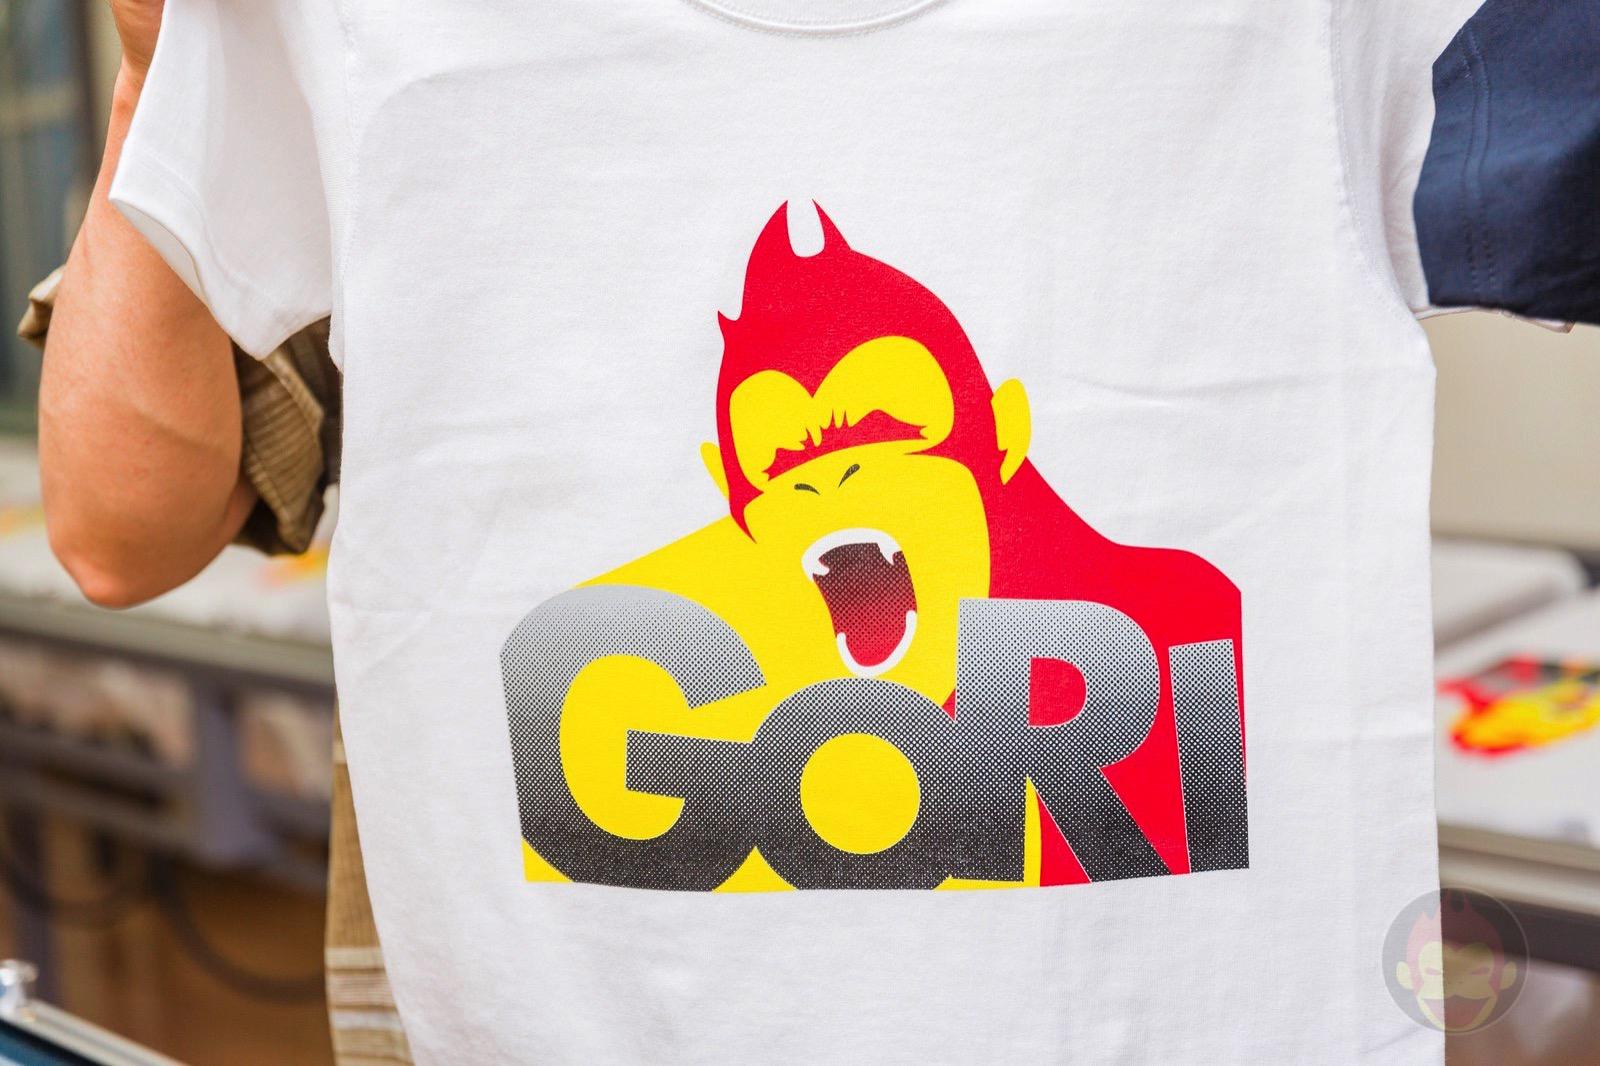 Original Tshirt ST PR 22